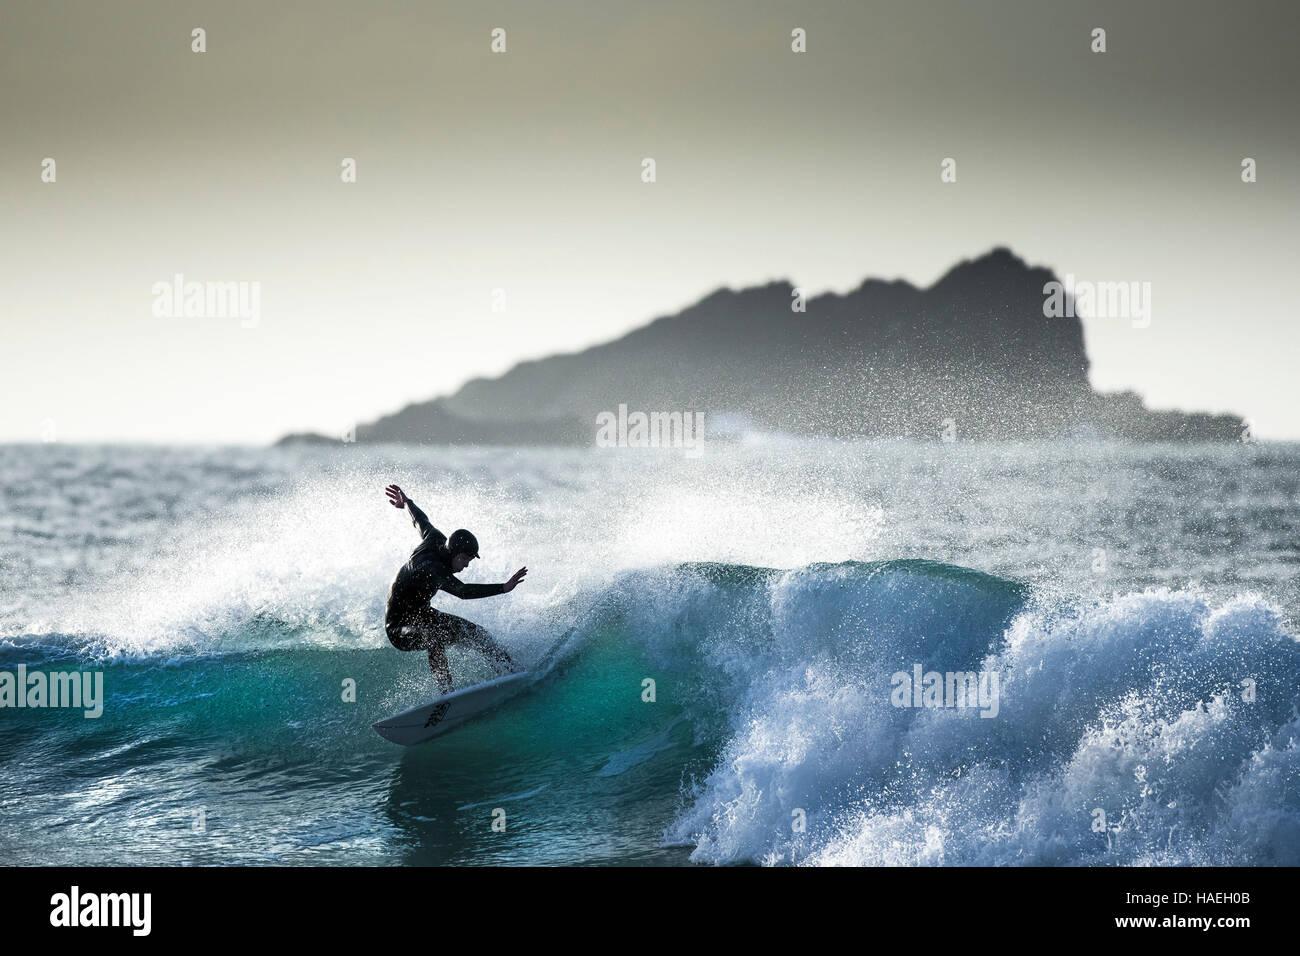 Ein Surfer in einer spektakulären Aktion auf den Fistral in Newquay, Cornwall, England.de. Stockbild